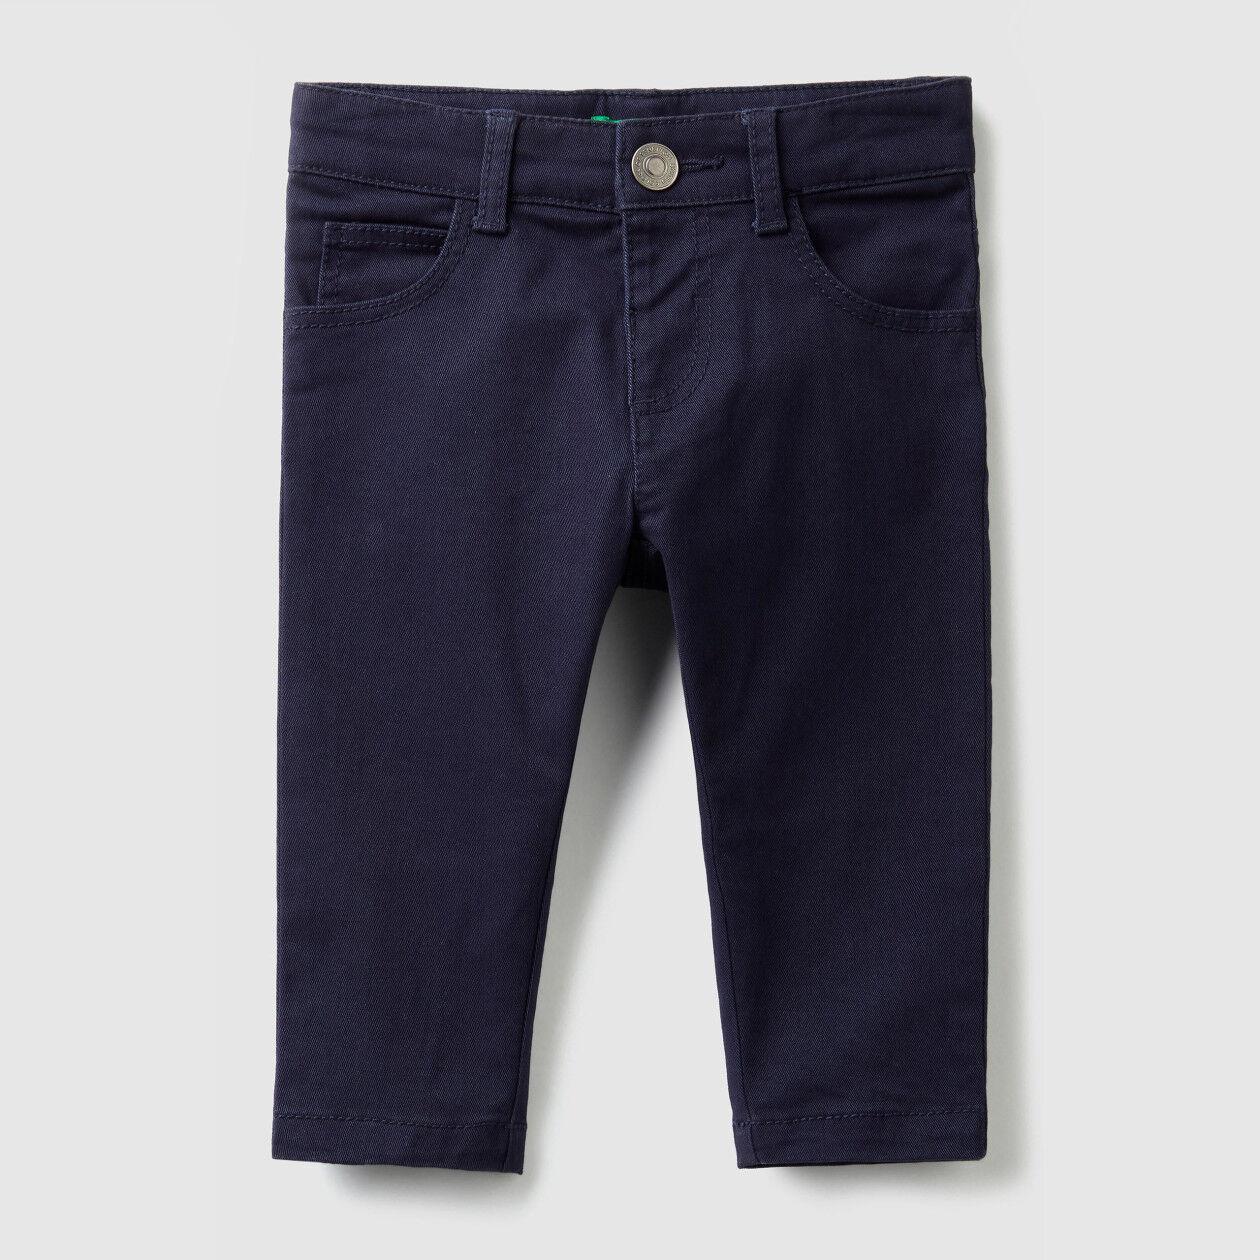 Calças stretch slim fit